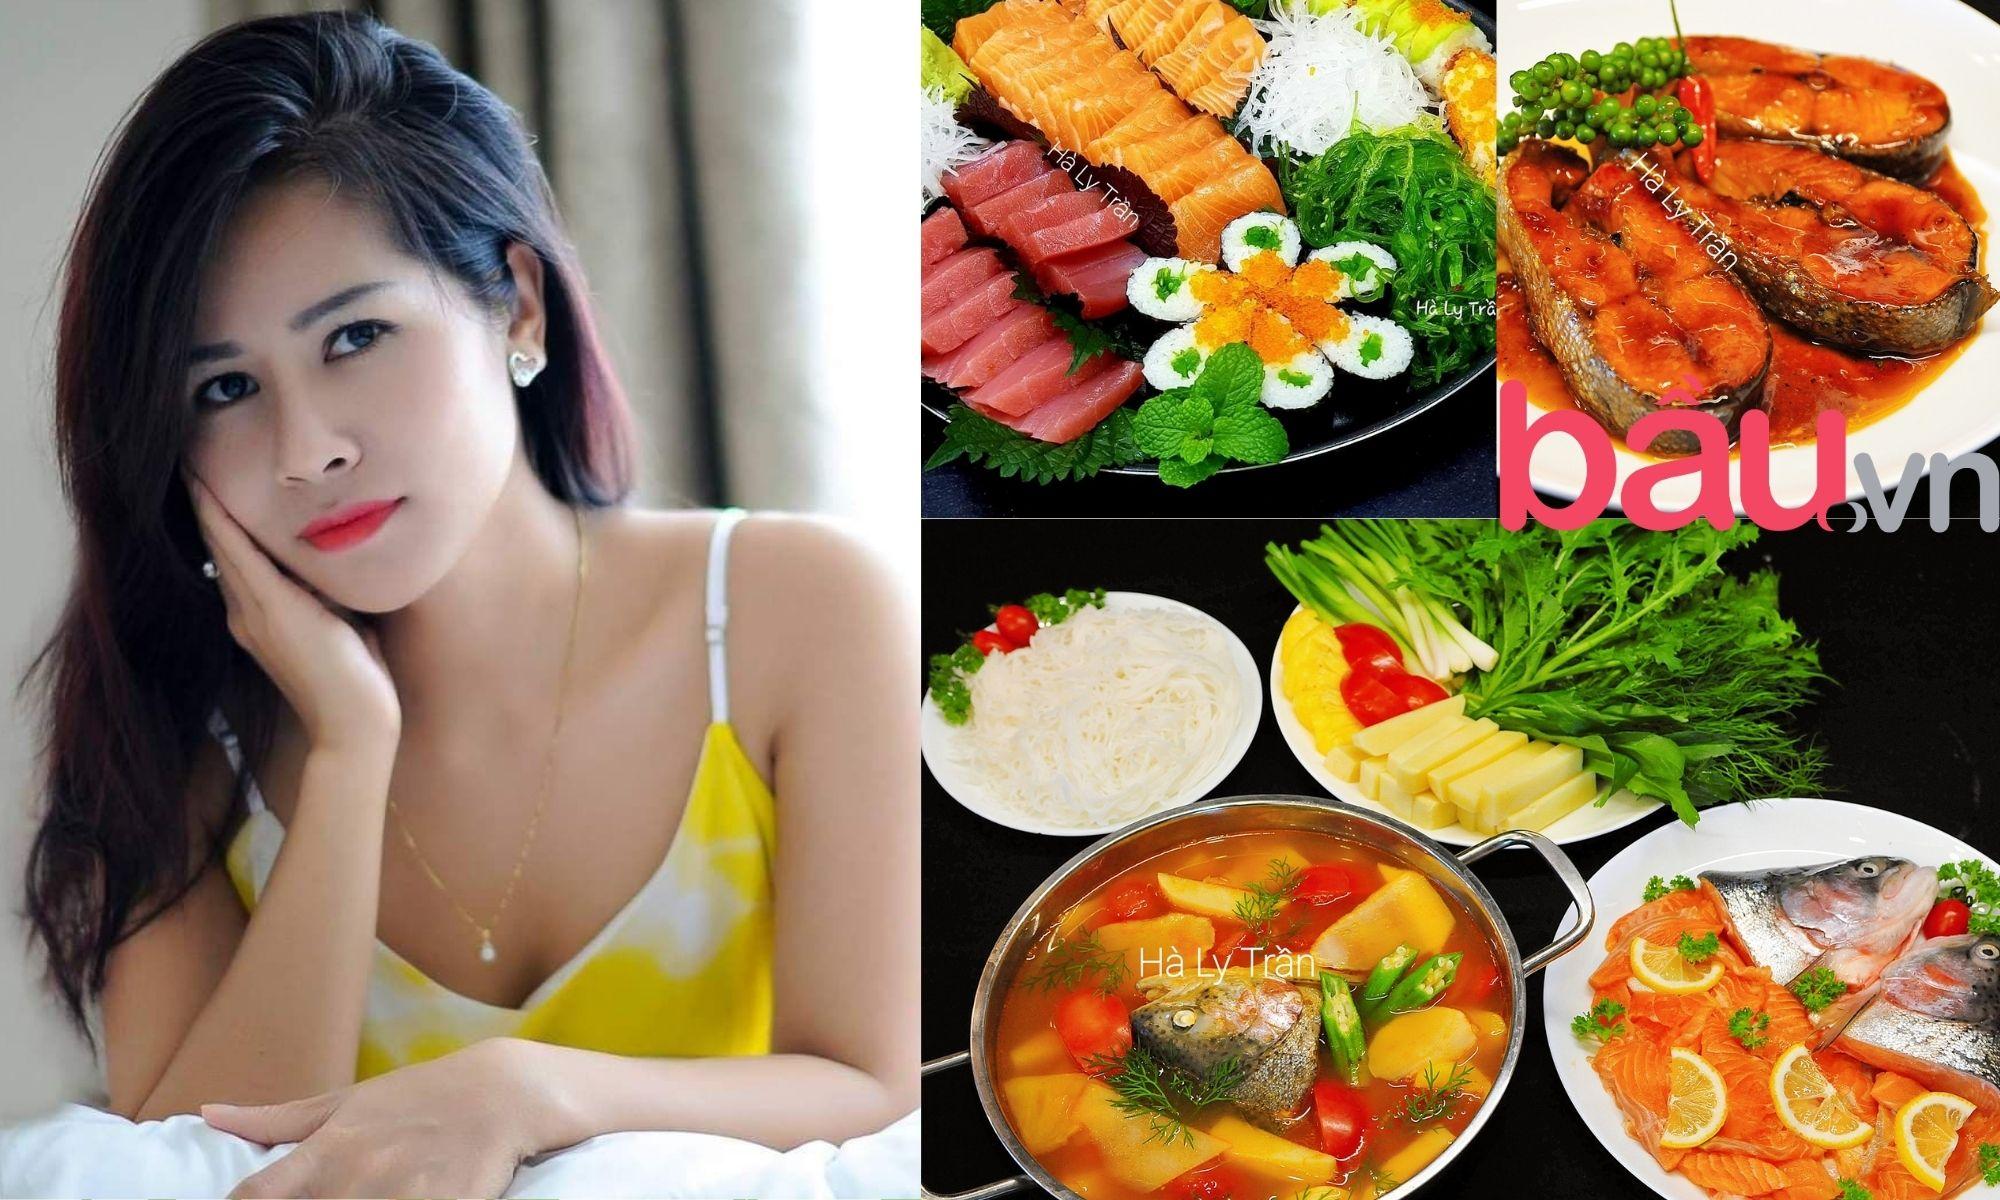 Mẹ đảm ở Hà Nội bật mí cách nấu